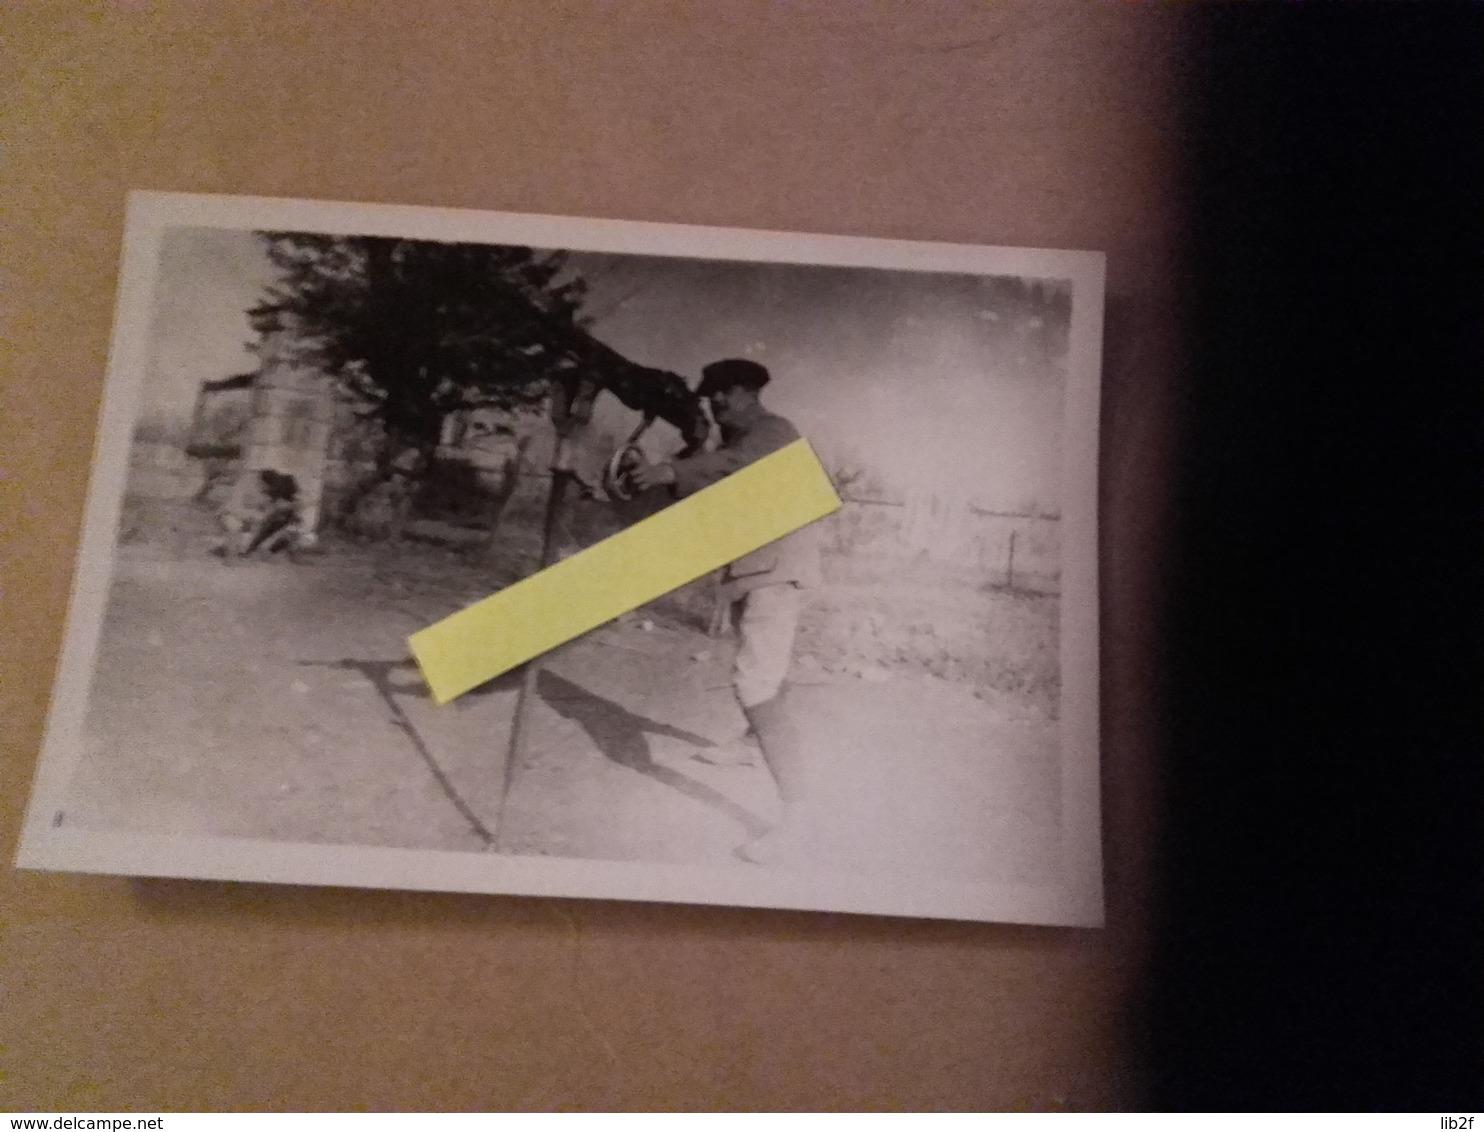 1917-1918 Chasseur à Pieds DCA FLAK Mitrailleuse St étienne Poilu Tranchée W1 1914 1918 14-18 - War, Military